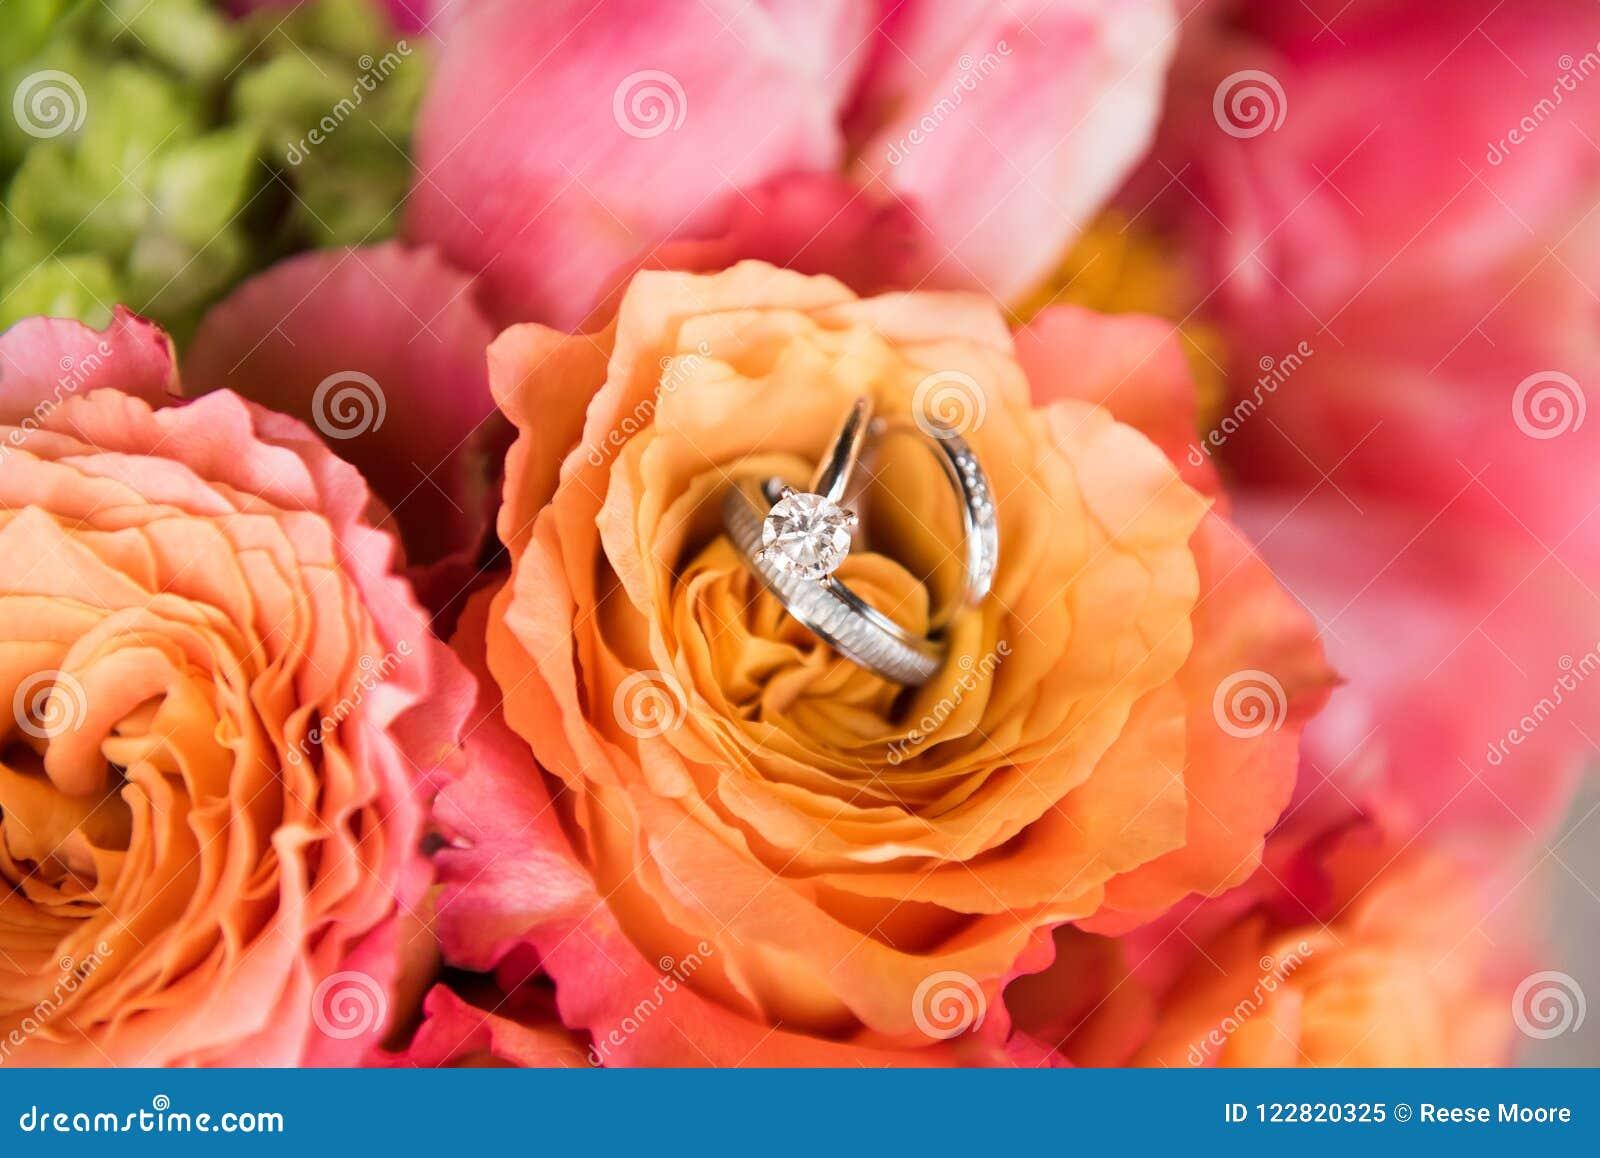 Kwiaty z obrączkami ślubnymi